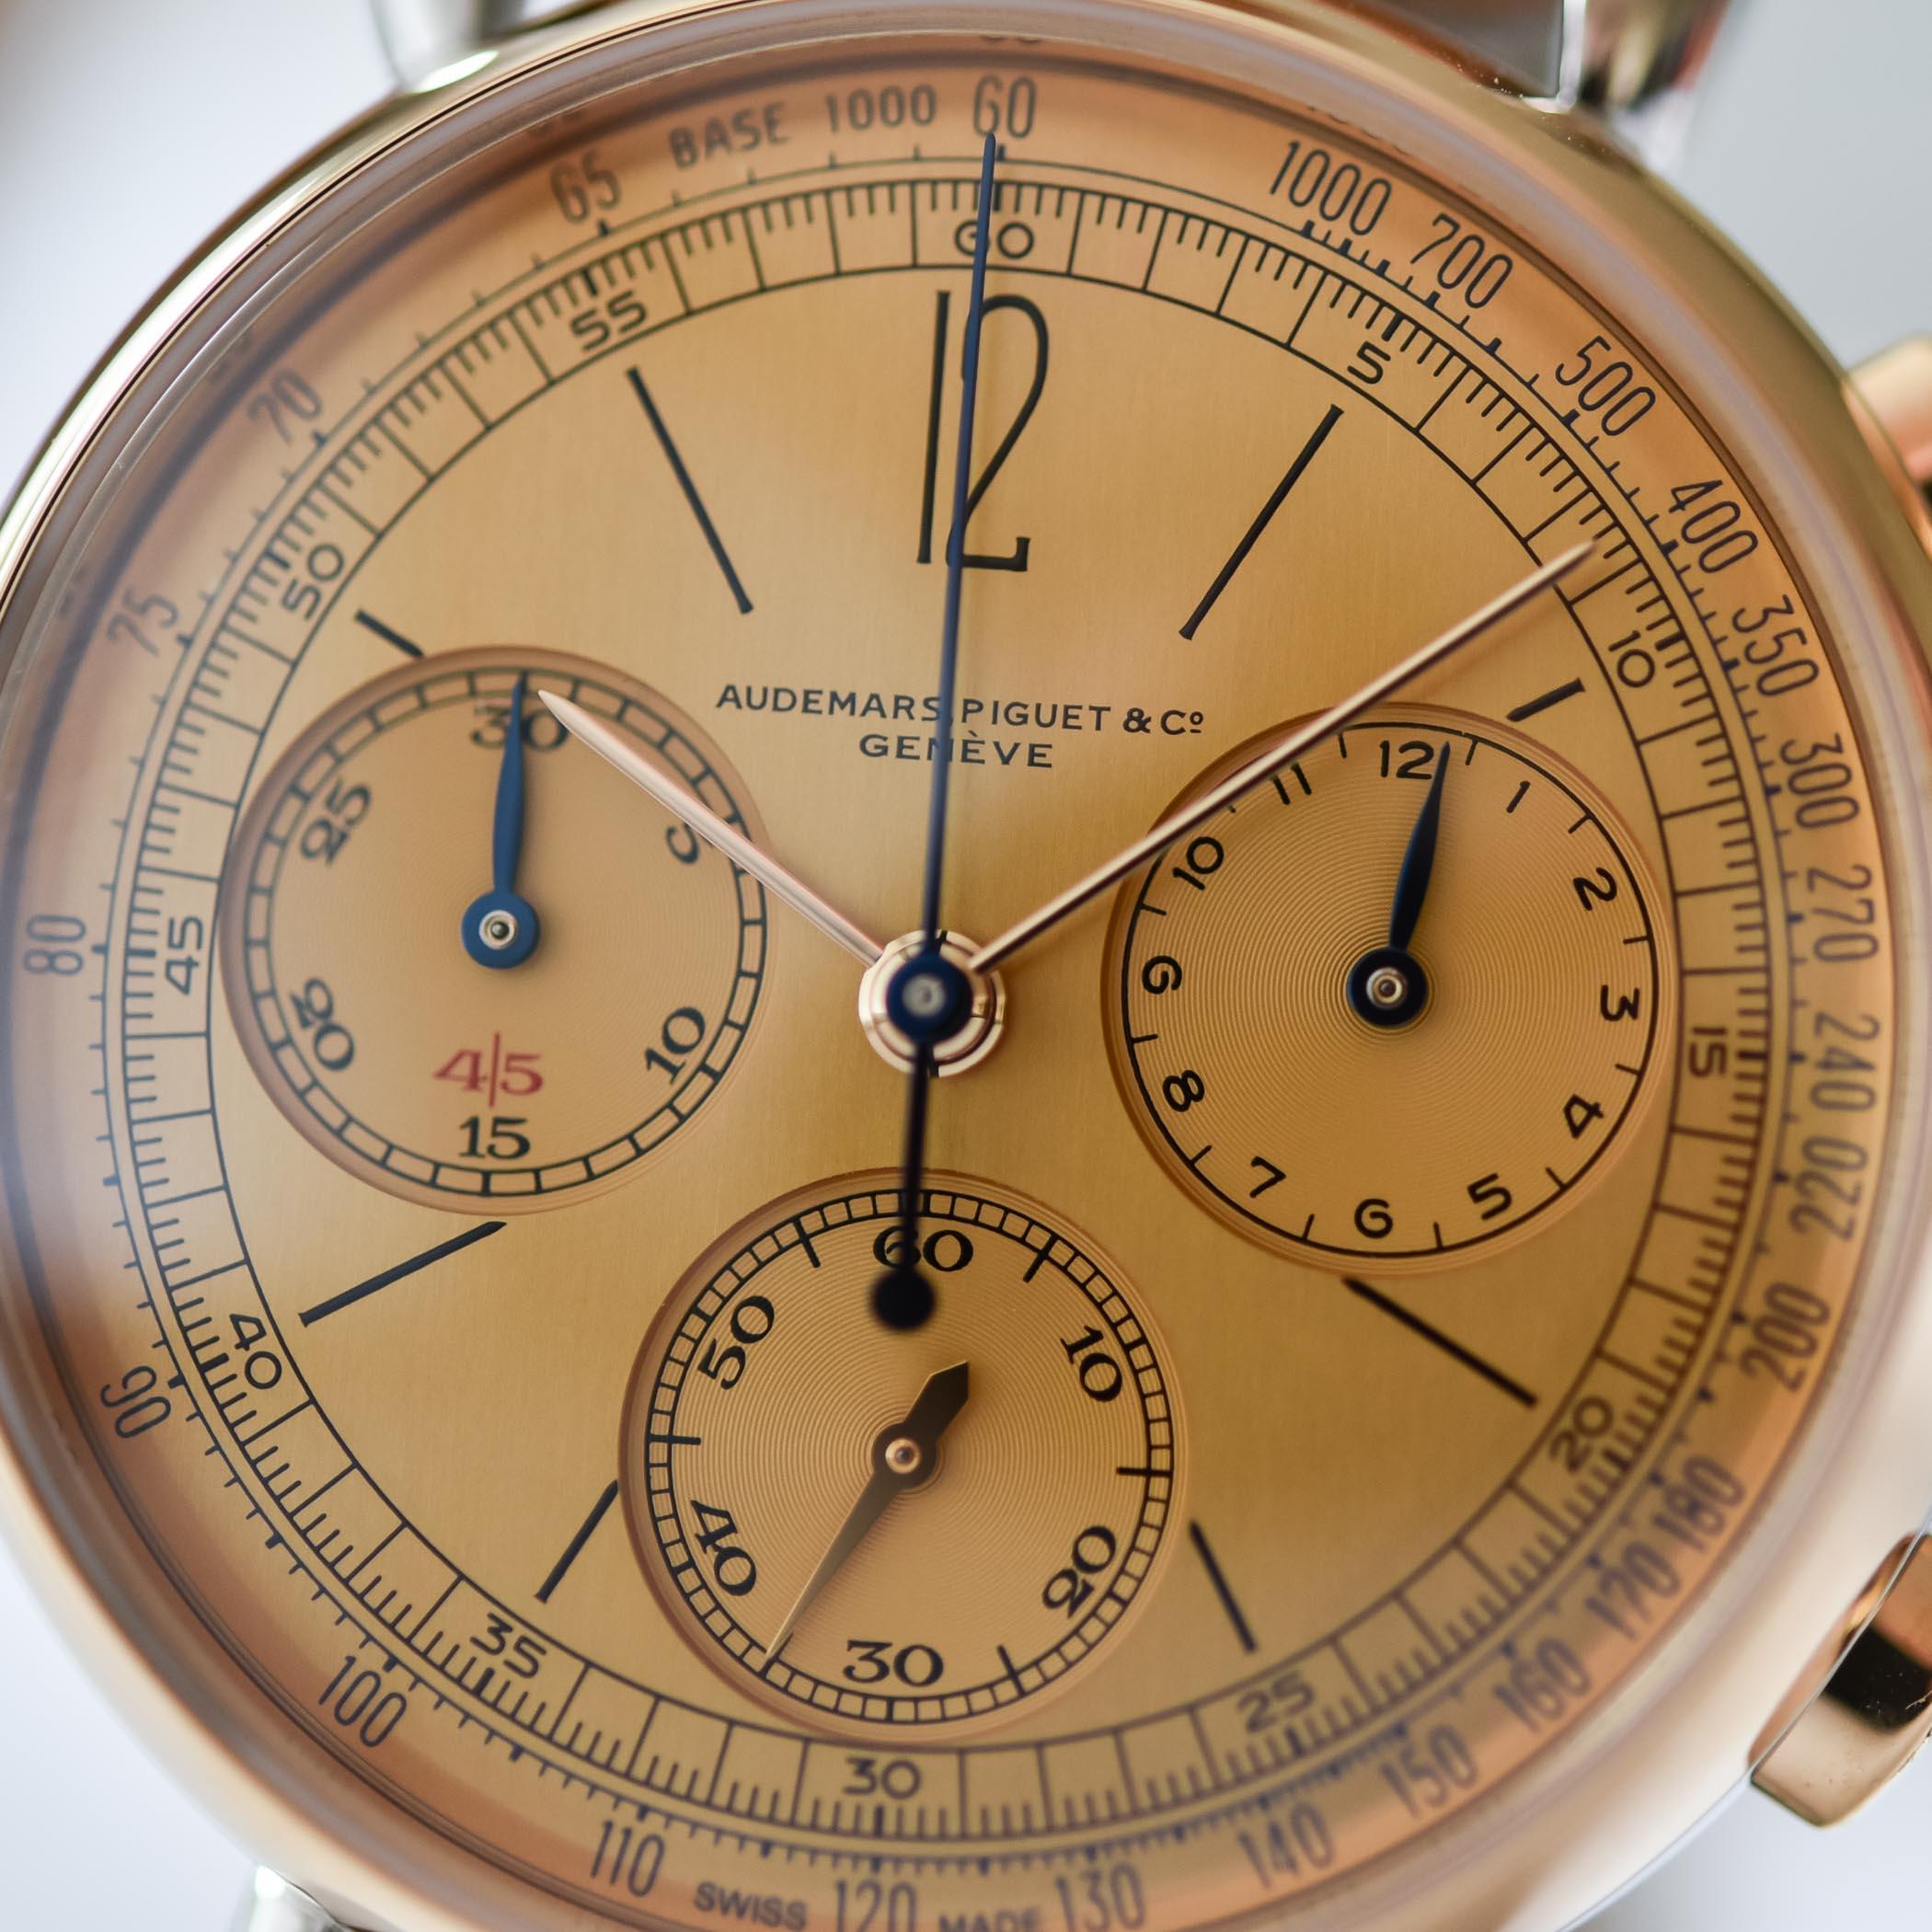 Detalle de la esfera del Audemars Piguet [Re]master01 Selfwinding Chronograph